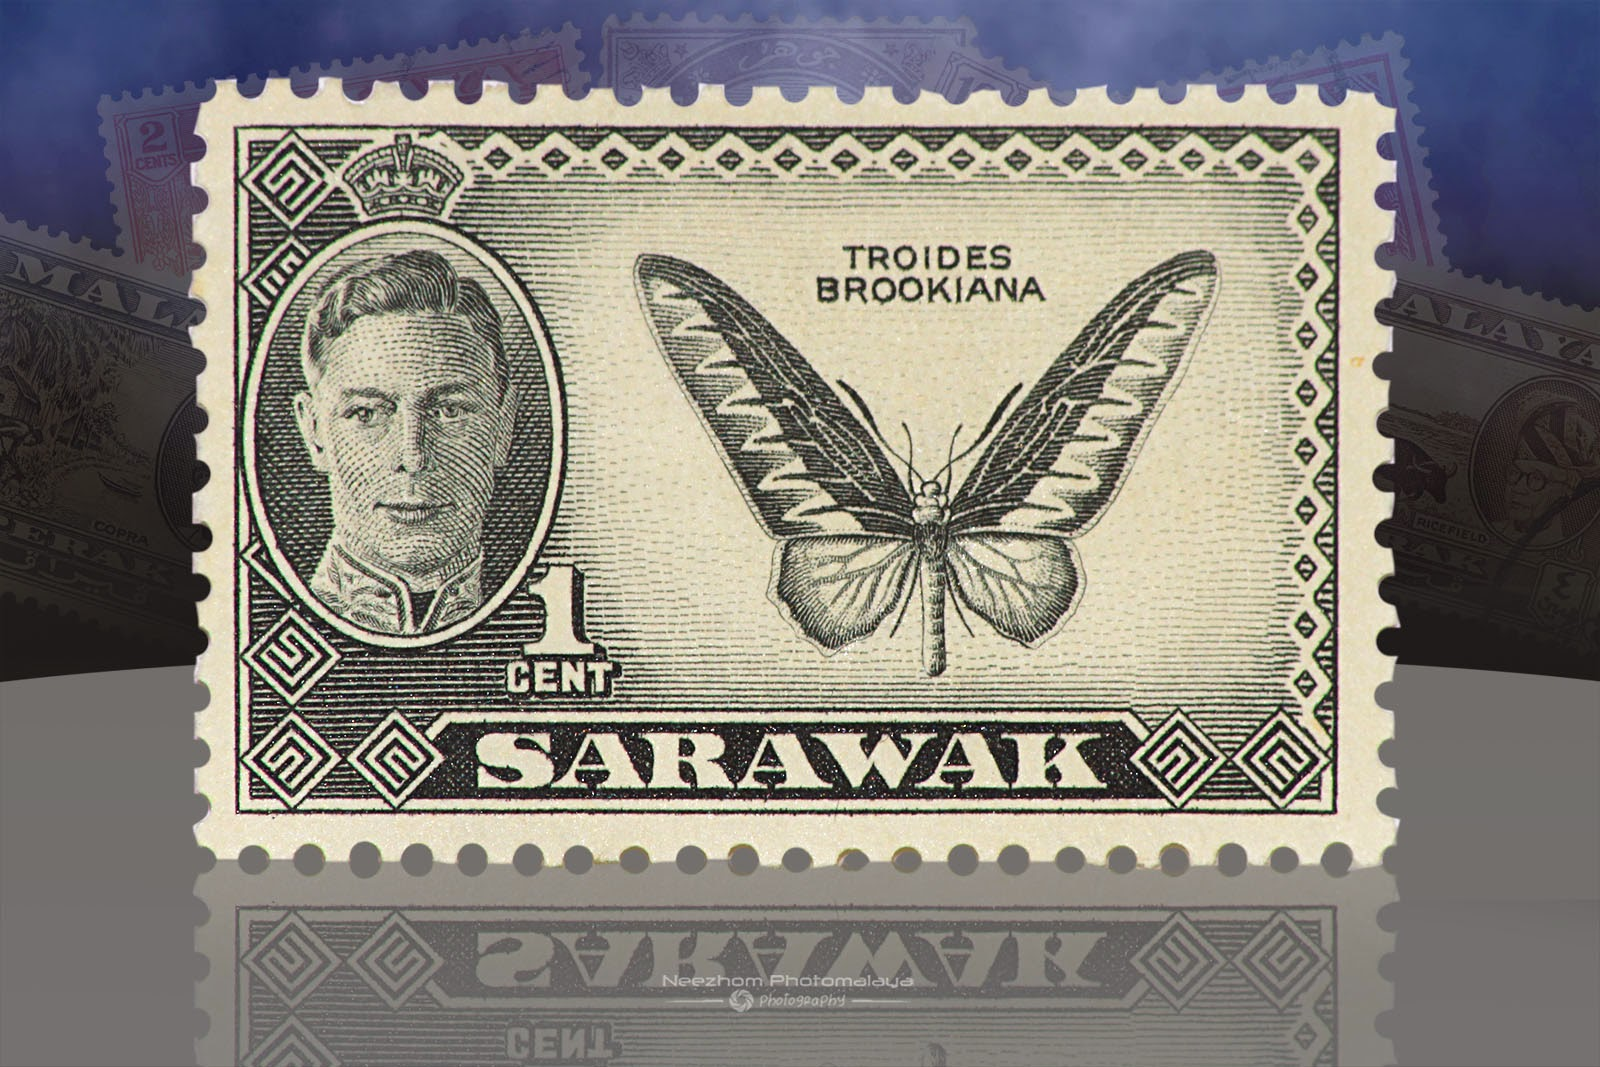 Sarawak 1 Cent Troides Brookiana 1950